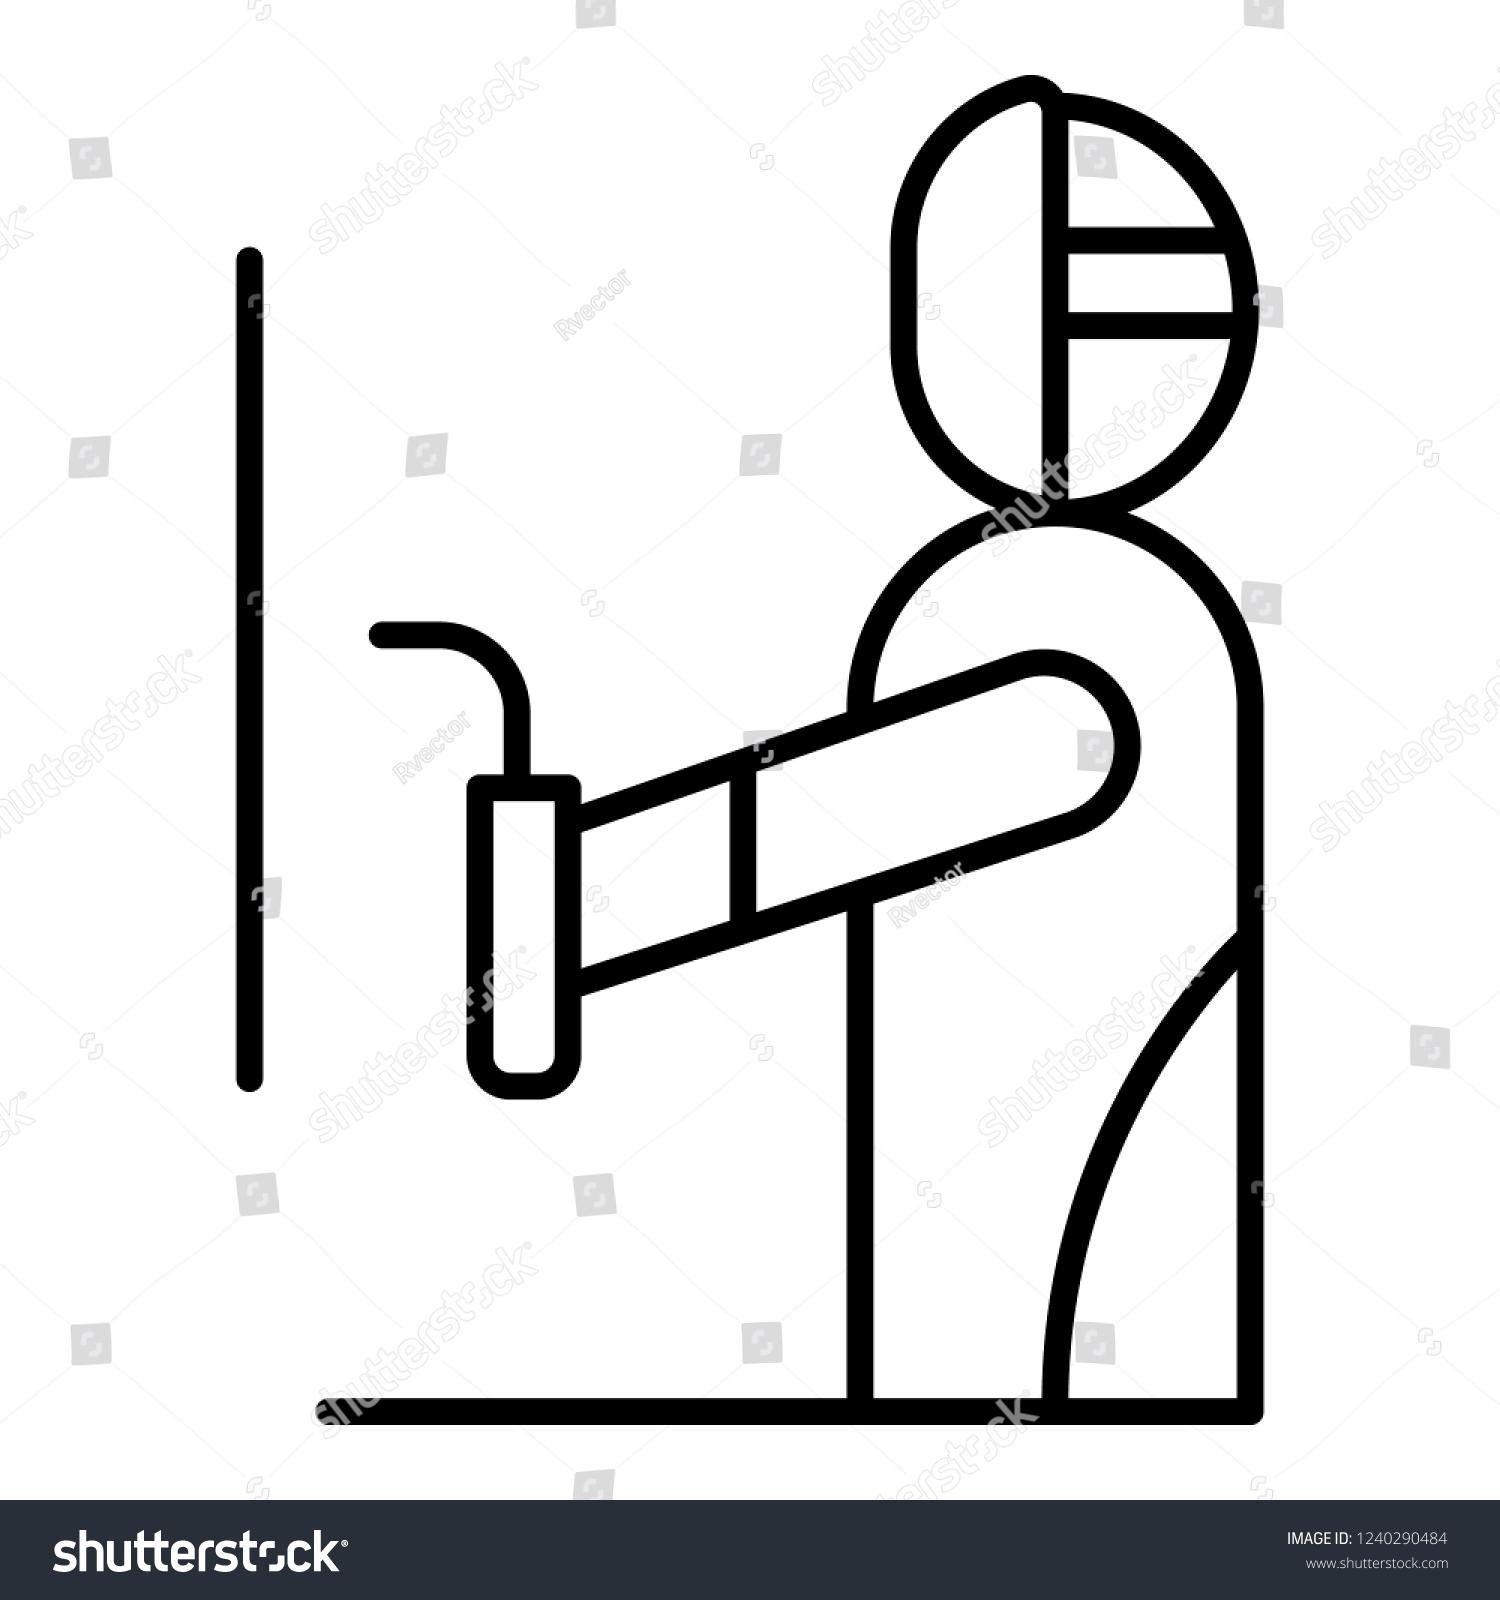 Man Welder Diagram - Wiring Diagram Online on miller welder wiring diagram, mig welder motor, dc welder wiring diagram, mig welder wire, mig welder regulator, mig welder switch, mig welder parts, chicago electric welder wiring diagram, mig welder cover, 220 welder wiring diagram, capacitive discharge welder wiring diagram, arc welder wiring diagram, mig welder valves, mig welder assembly, hobart welder wiring diagram, mig welder fuse diagram, tig welder wiring diagram, mig welder capacitor, mig welder cable, mig 100 welder schematic diagram,